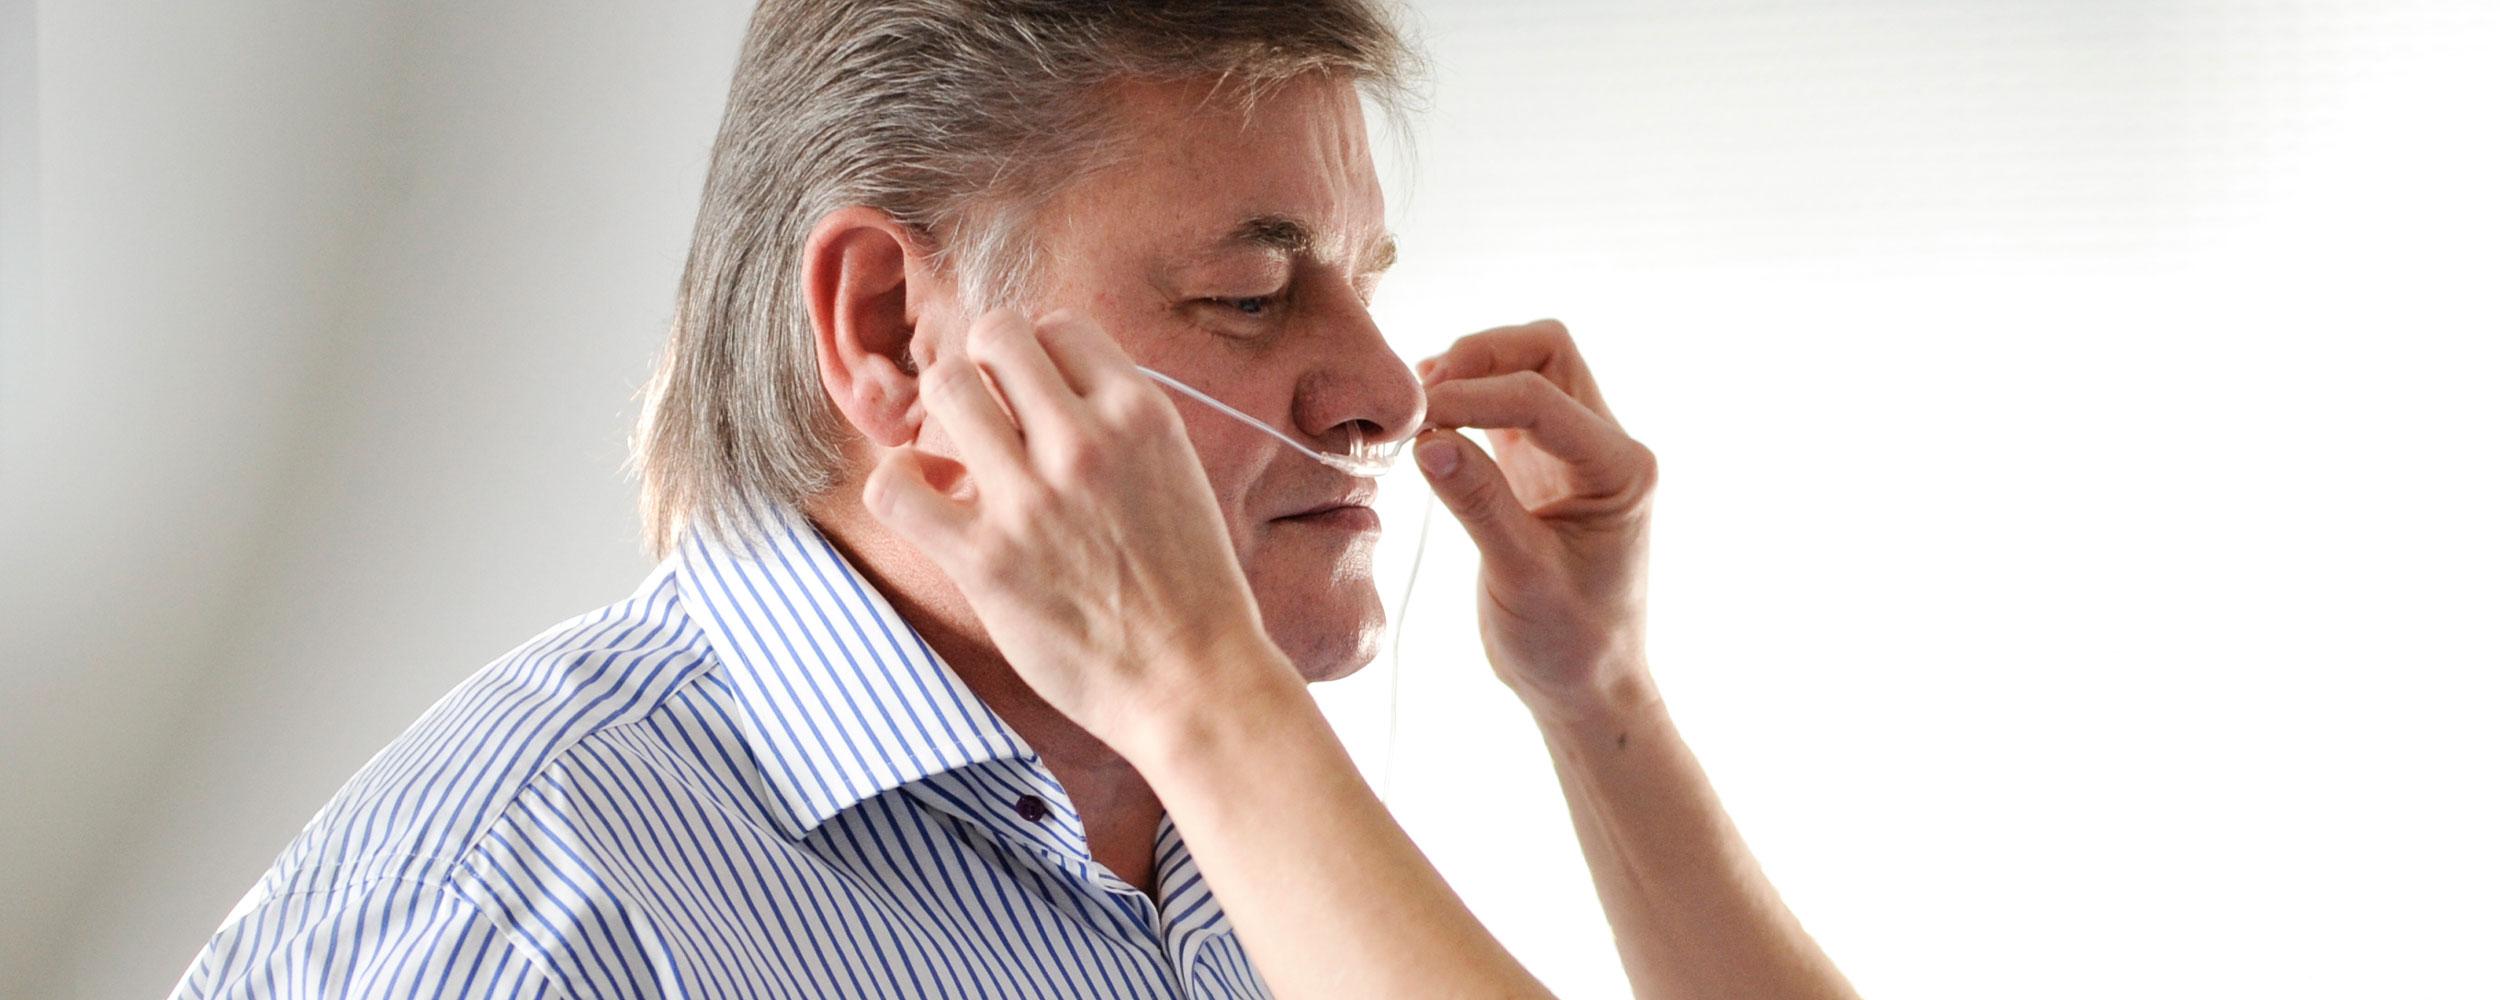 Schnarchtherapie